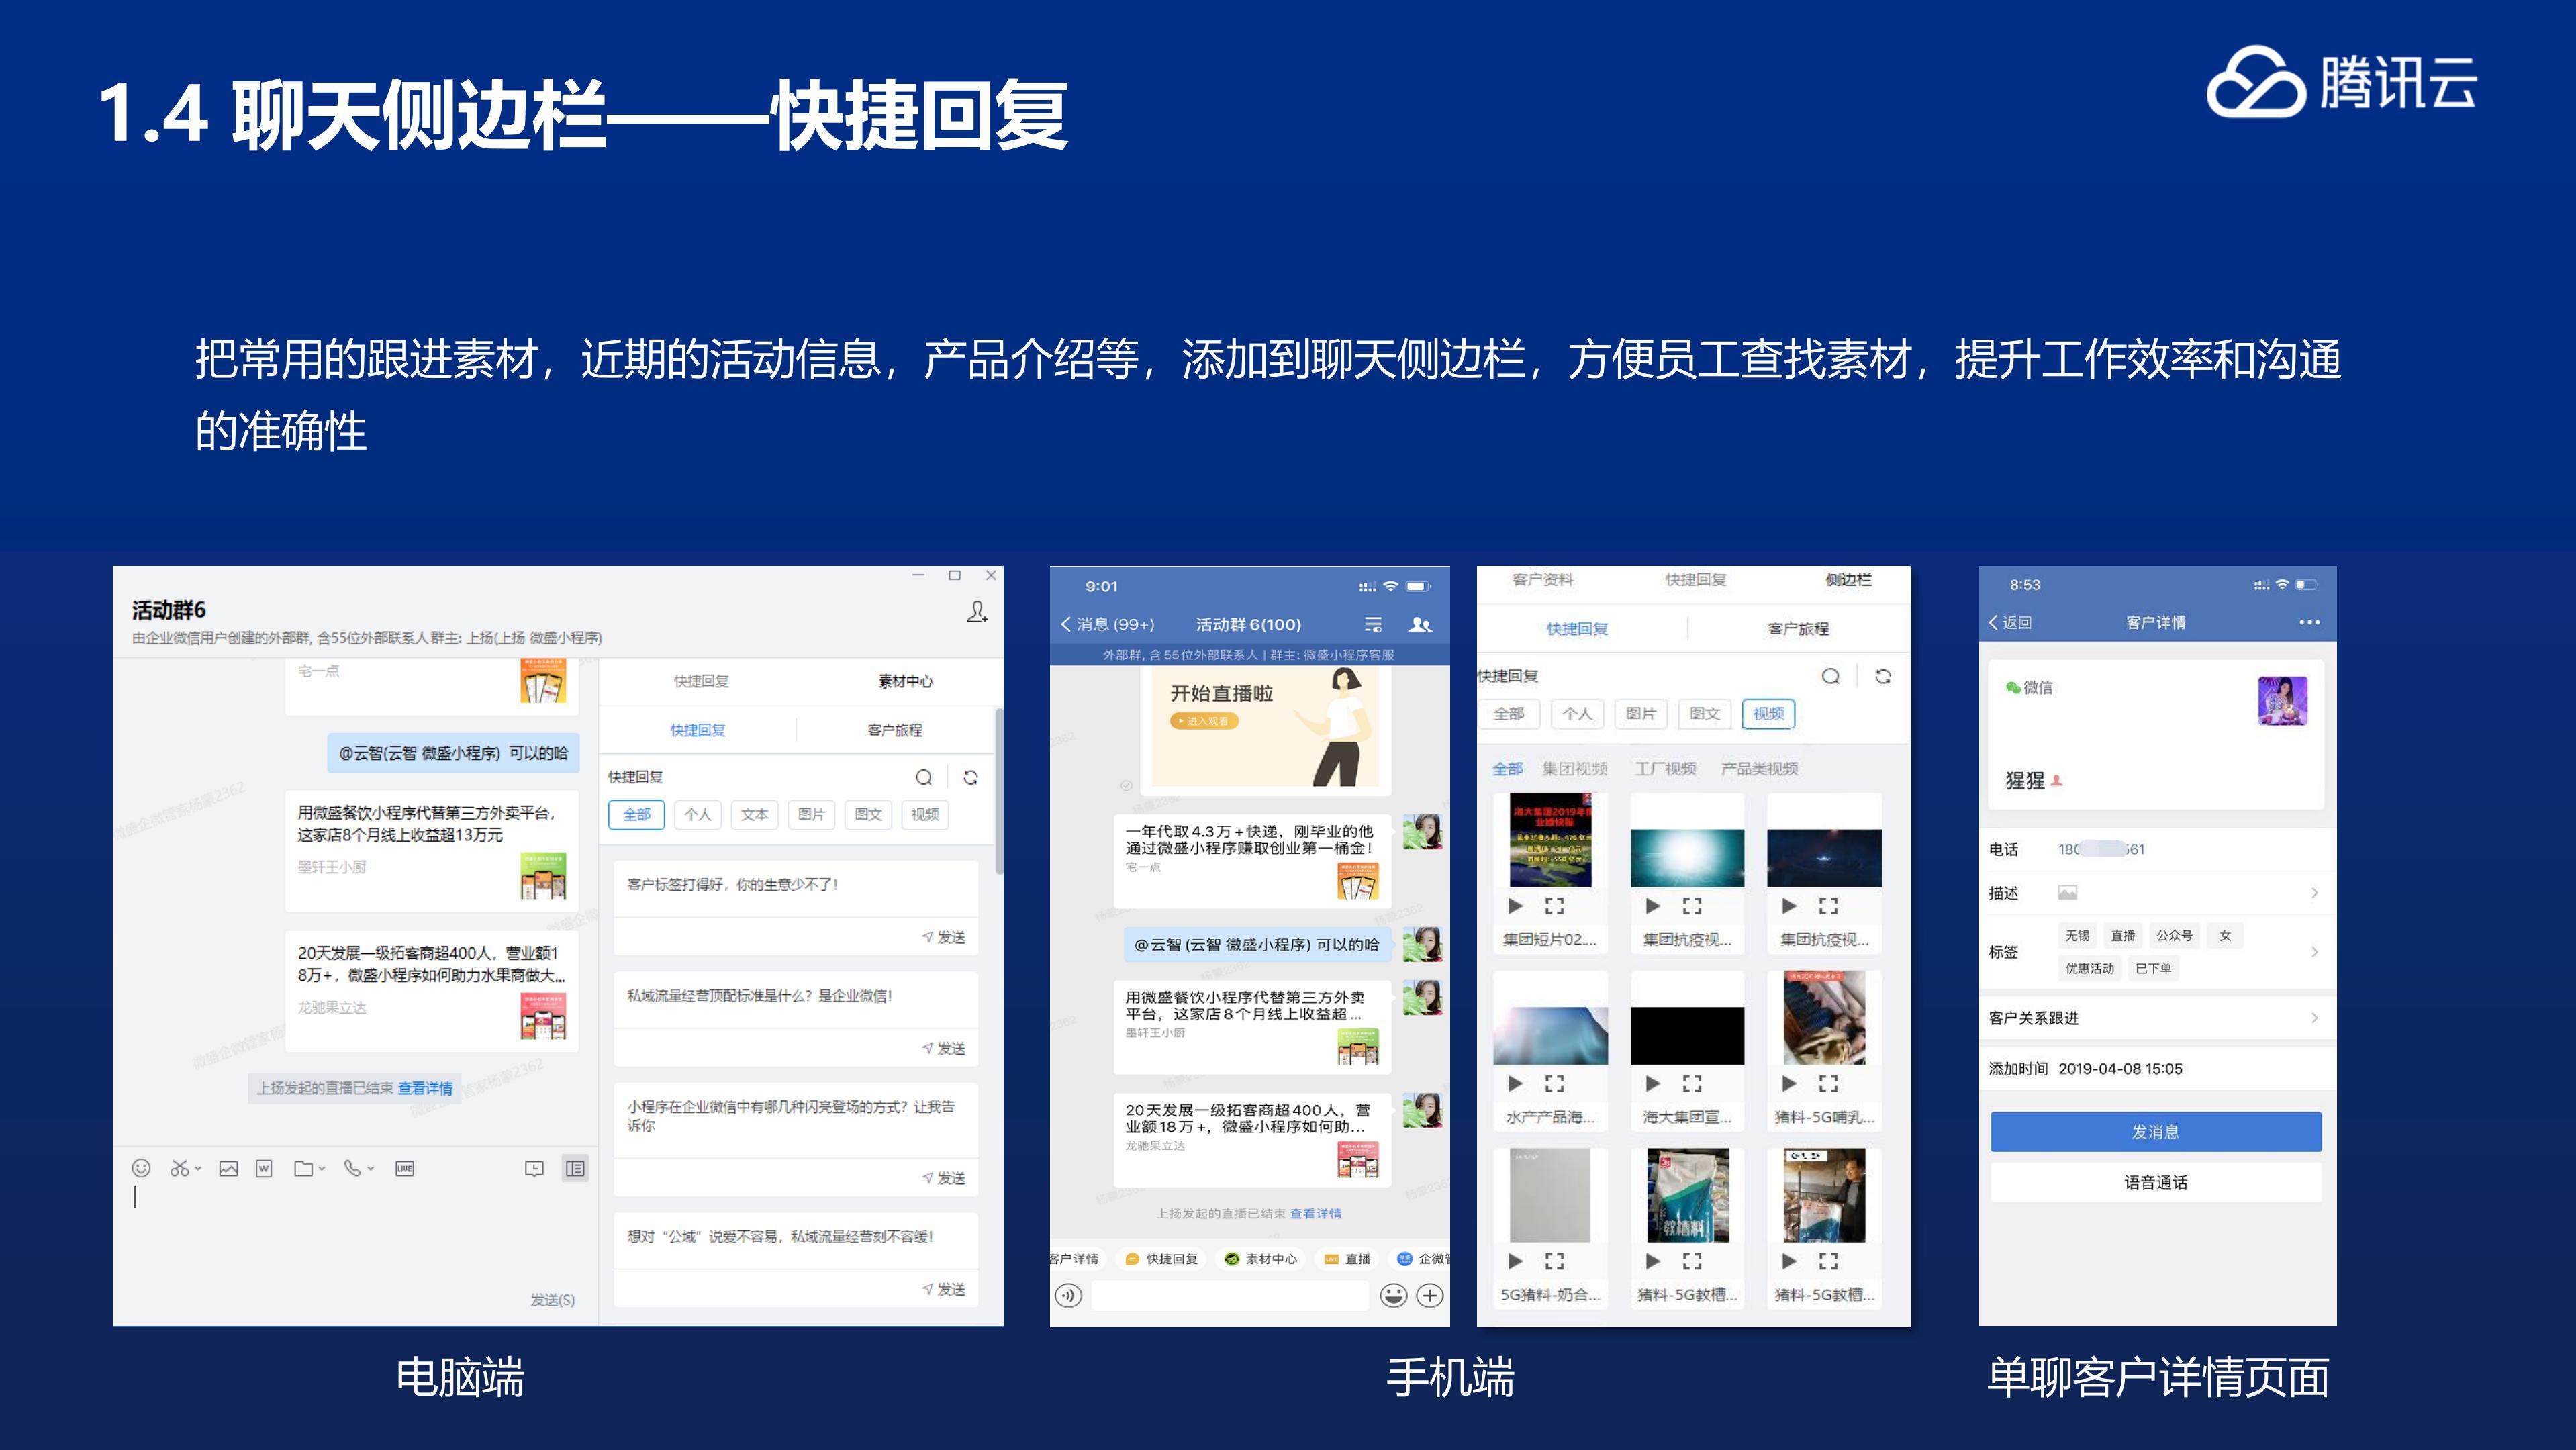 腾讯云企微管家产品介绍_15.jpg